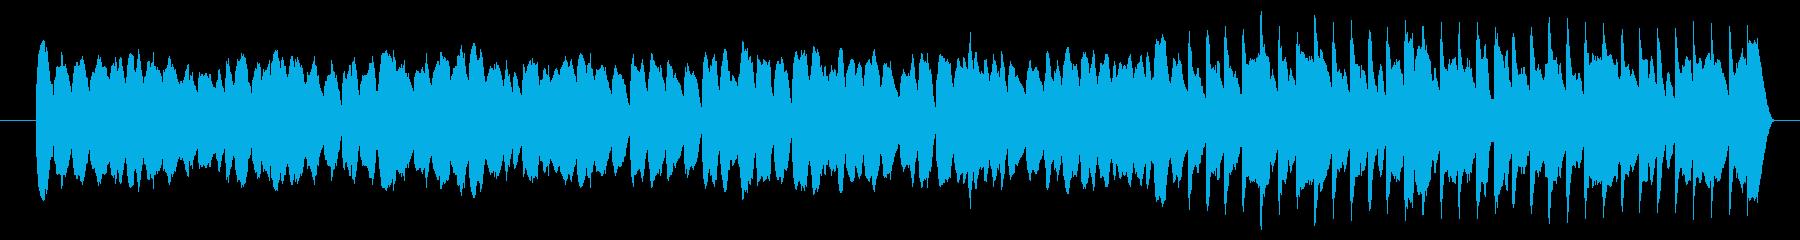 弾むイメージ、可愛いコミカルなシンセの曲の再生済みの波形